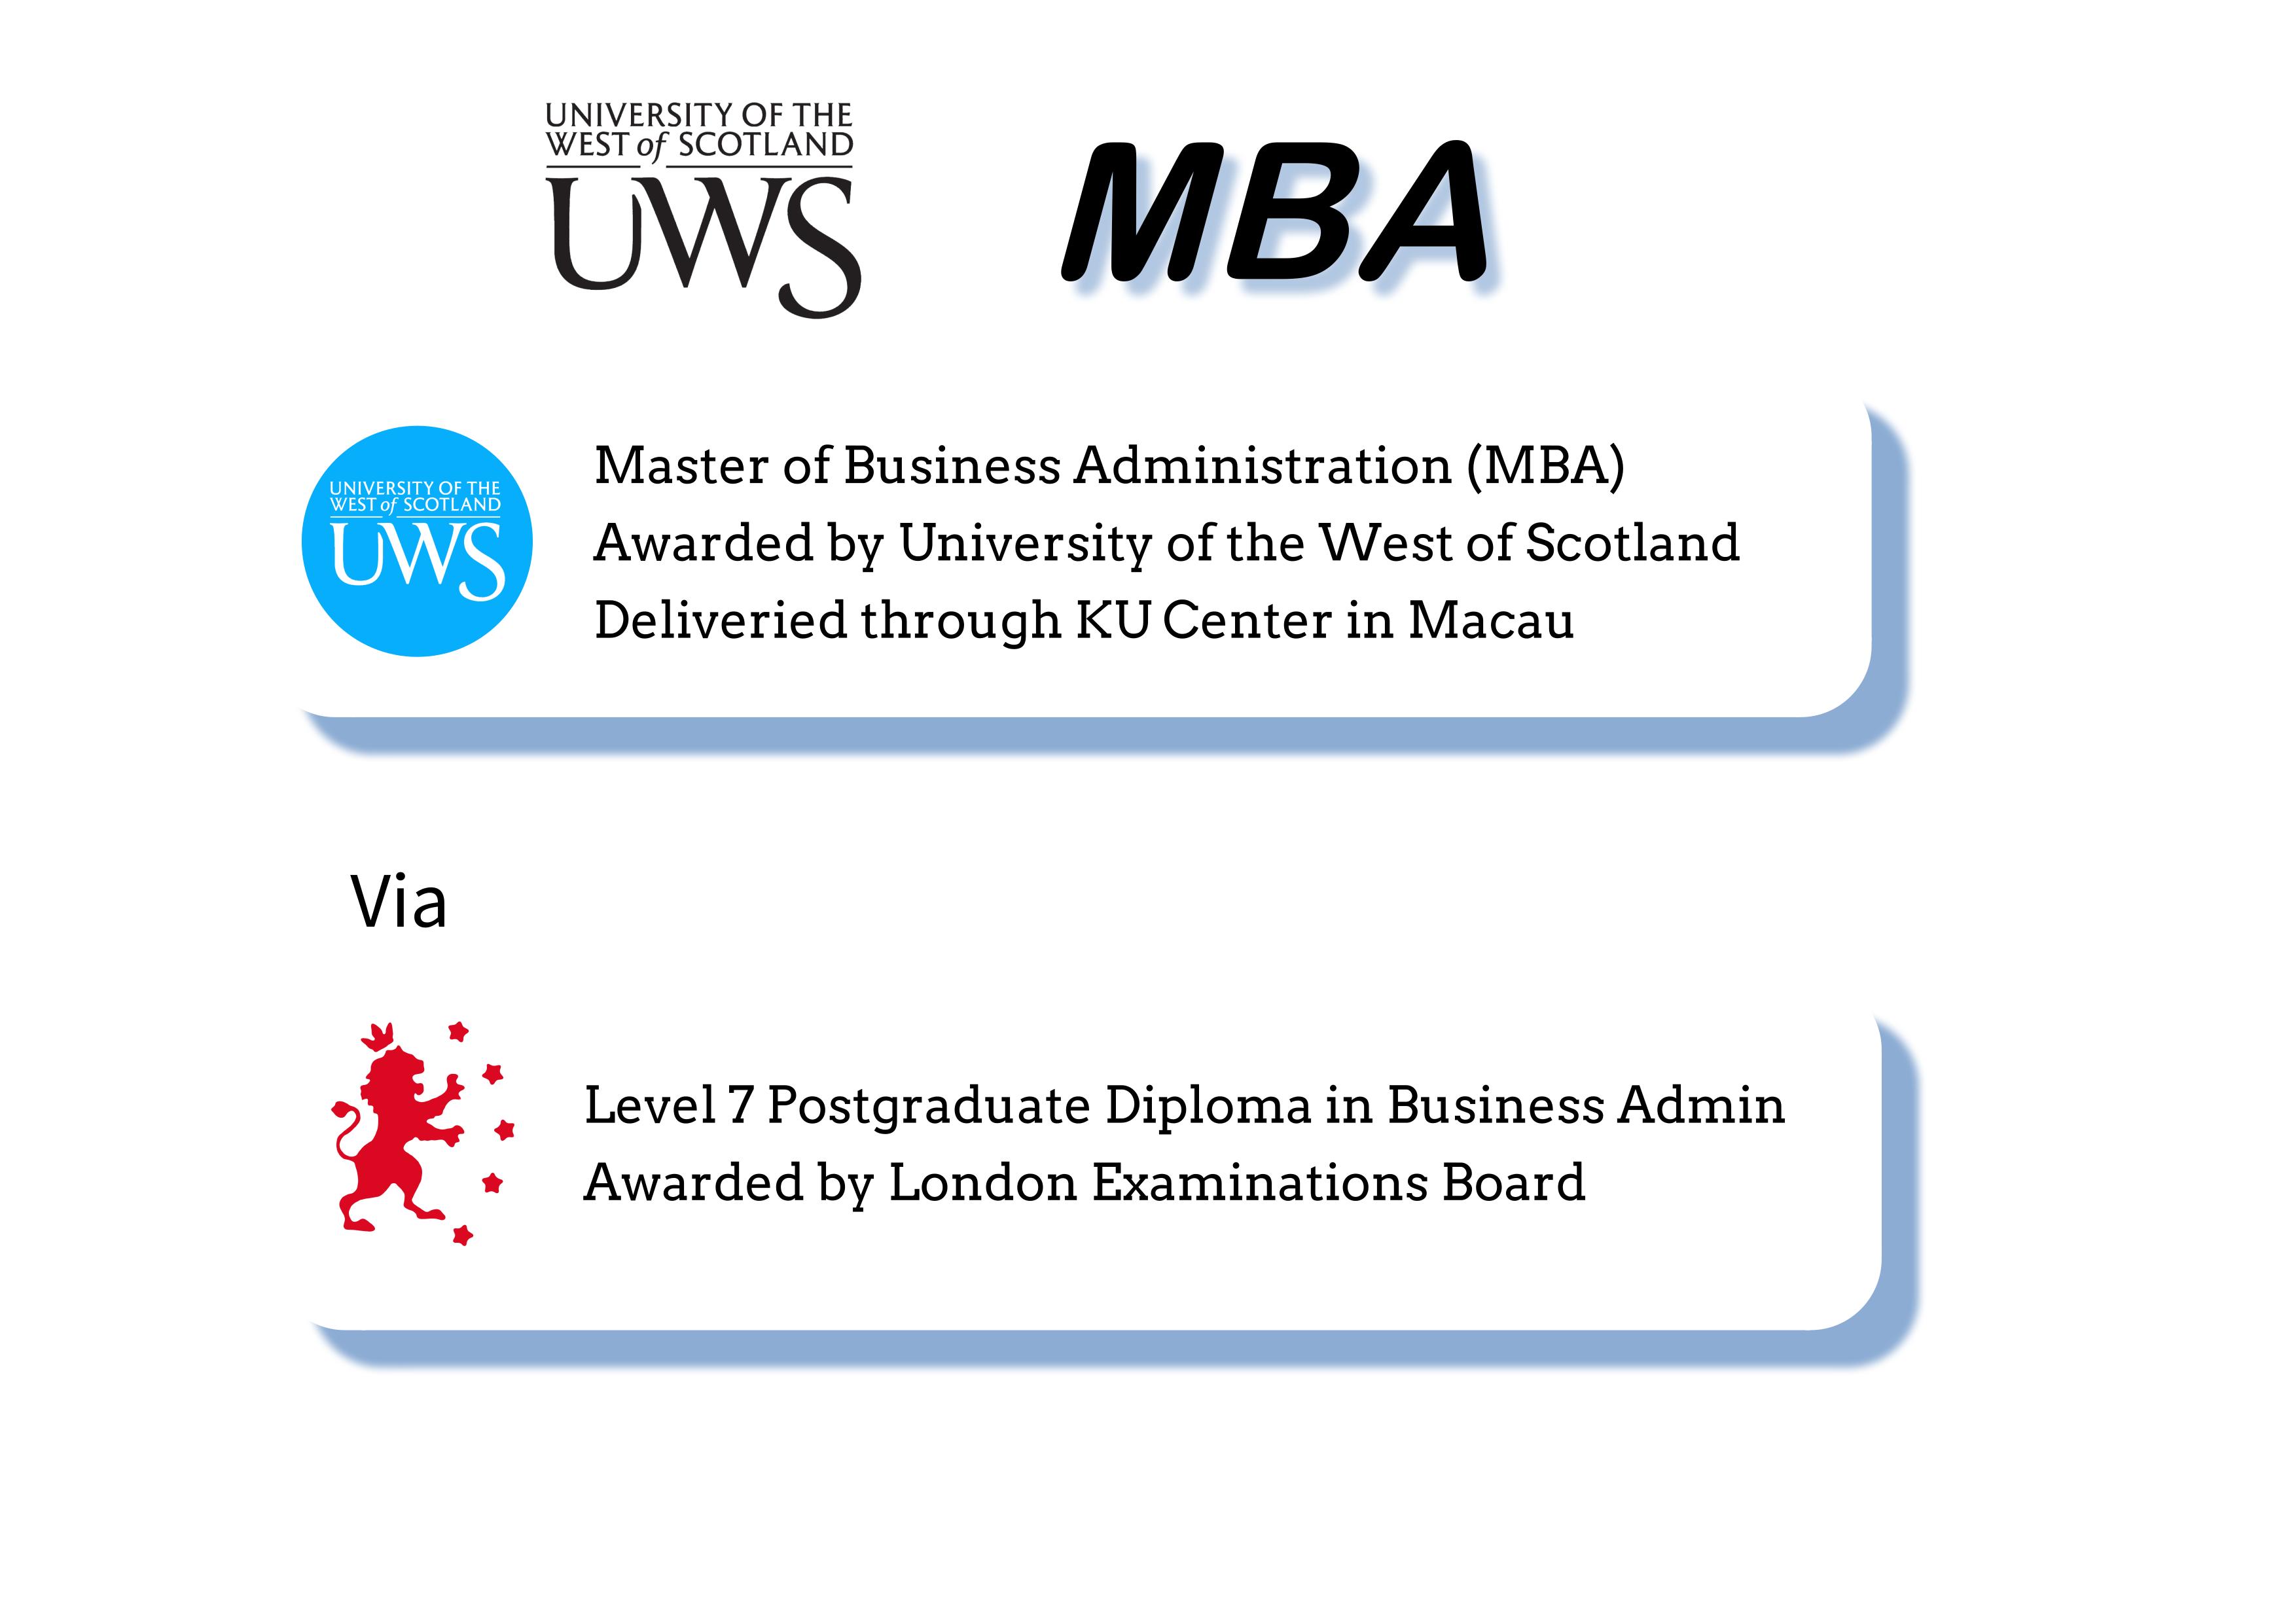 上海MBA_在职MBA_免联考MBA_国际MBA_英国MBA_西苏格兰大学MBA_美国北爱荷华大学MBA